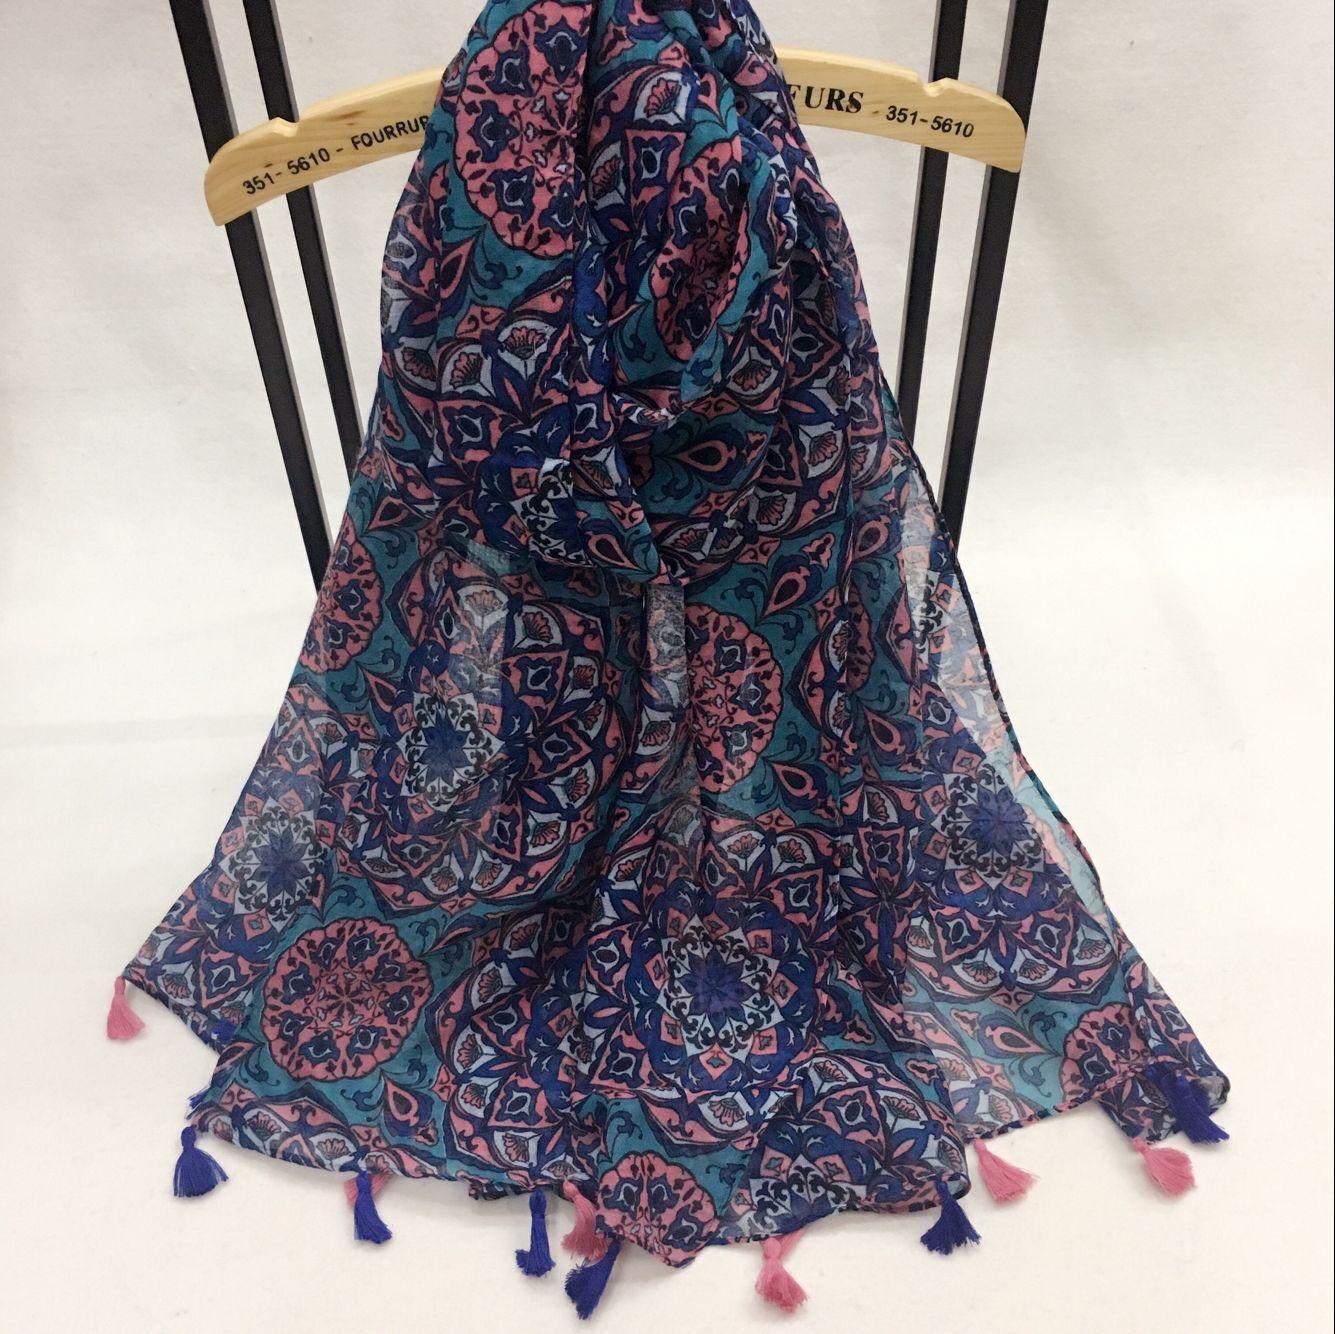 姹紫嫣红款 巴厘纱围巾